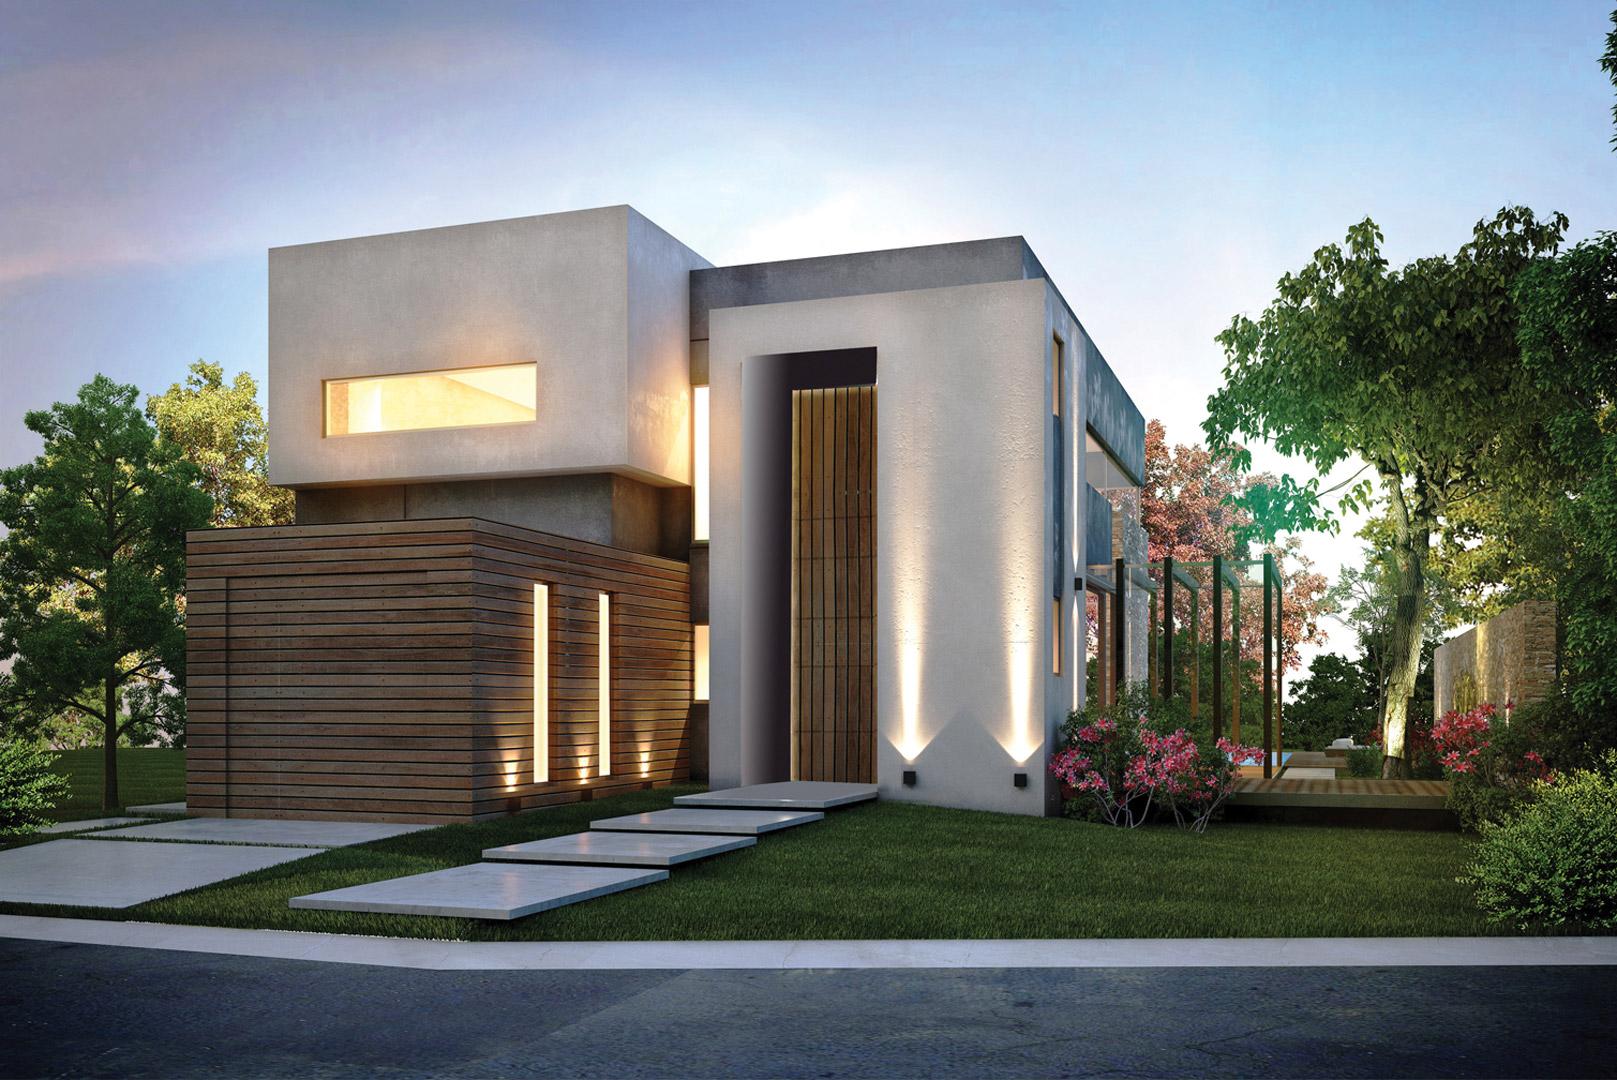 Inarch arquitectura construcci n casa estilo actual for Construcciones minimalistas